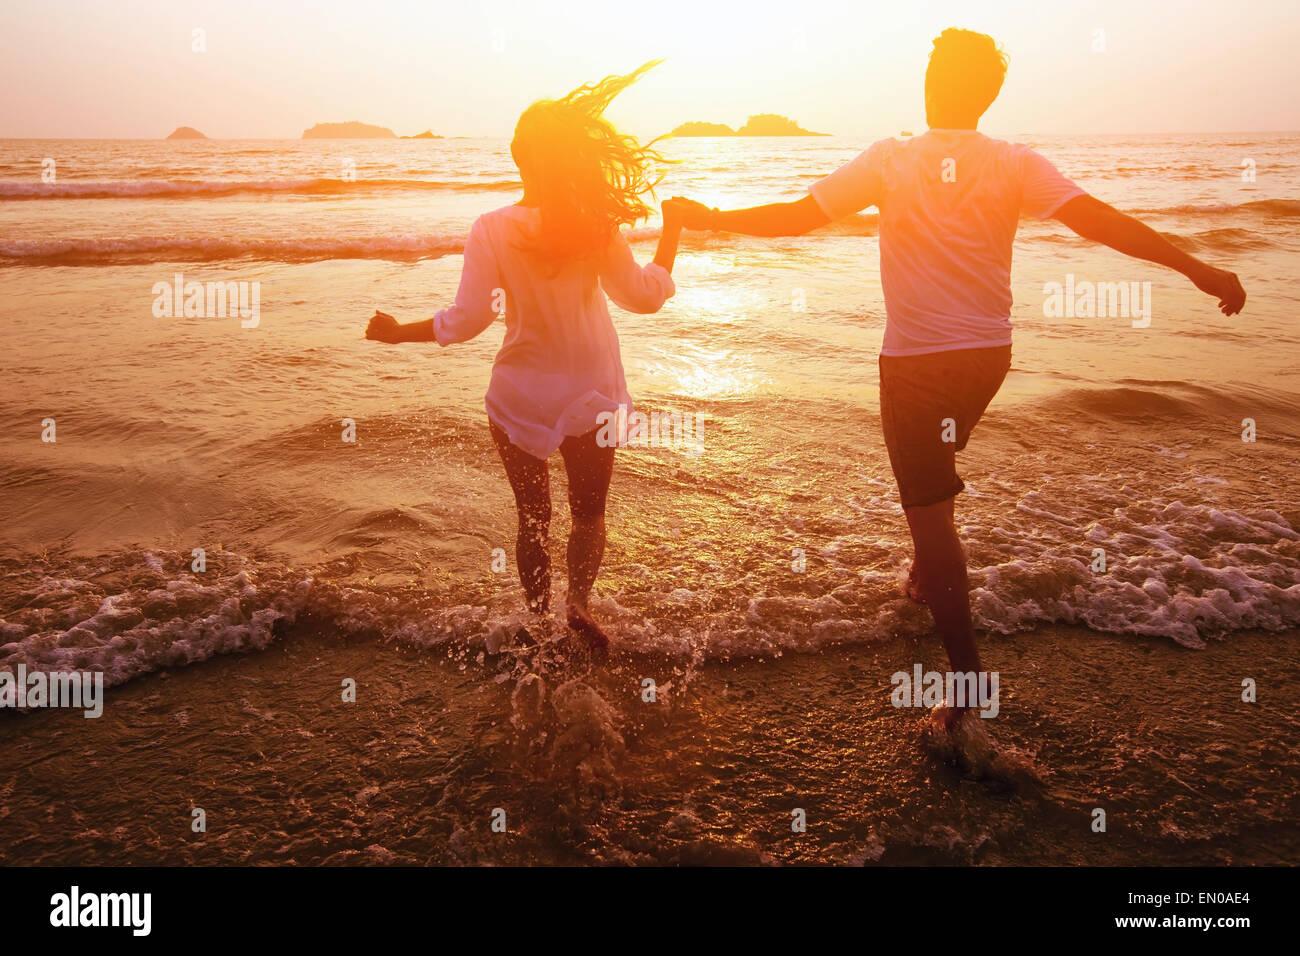 Silueta de la pareja en la playa, vacaciones de ensueño Imagen De Stock